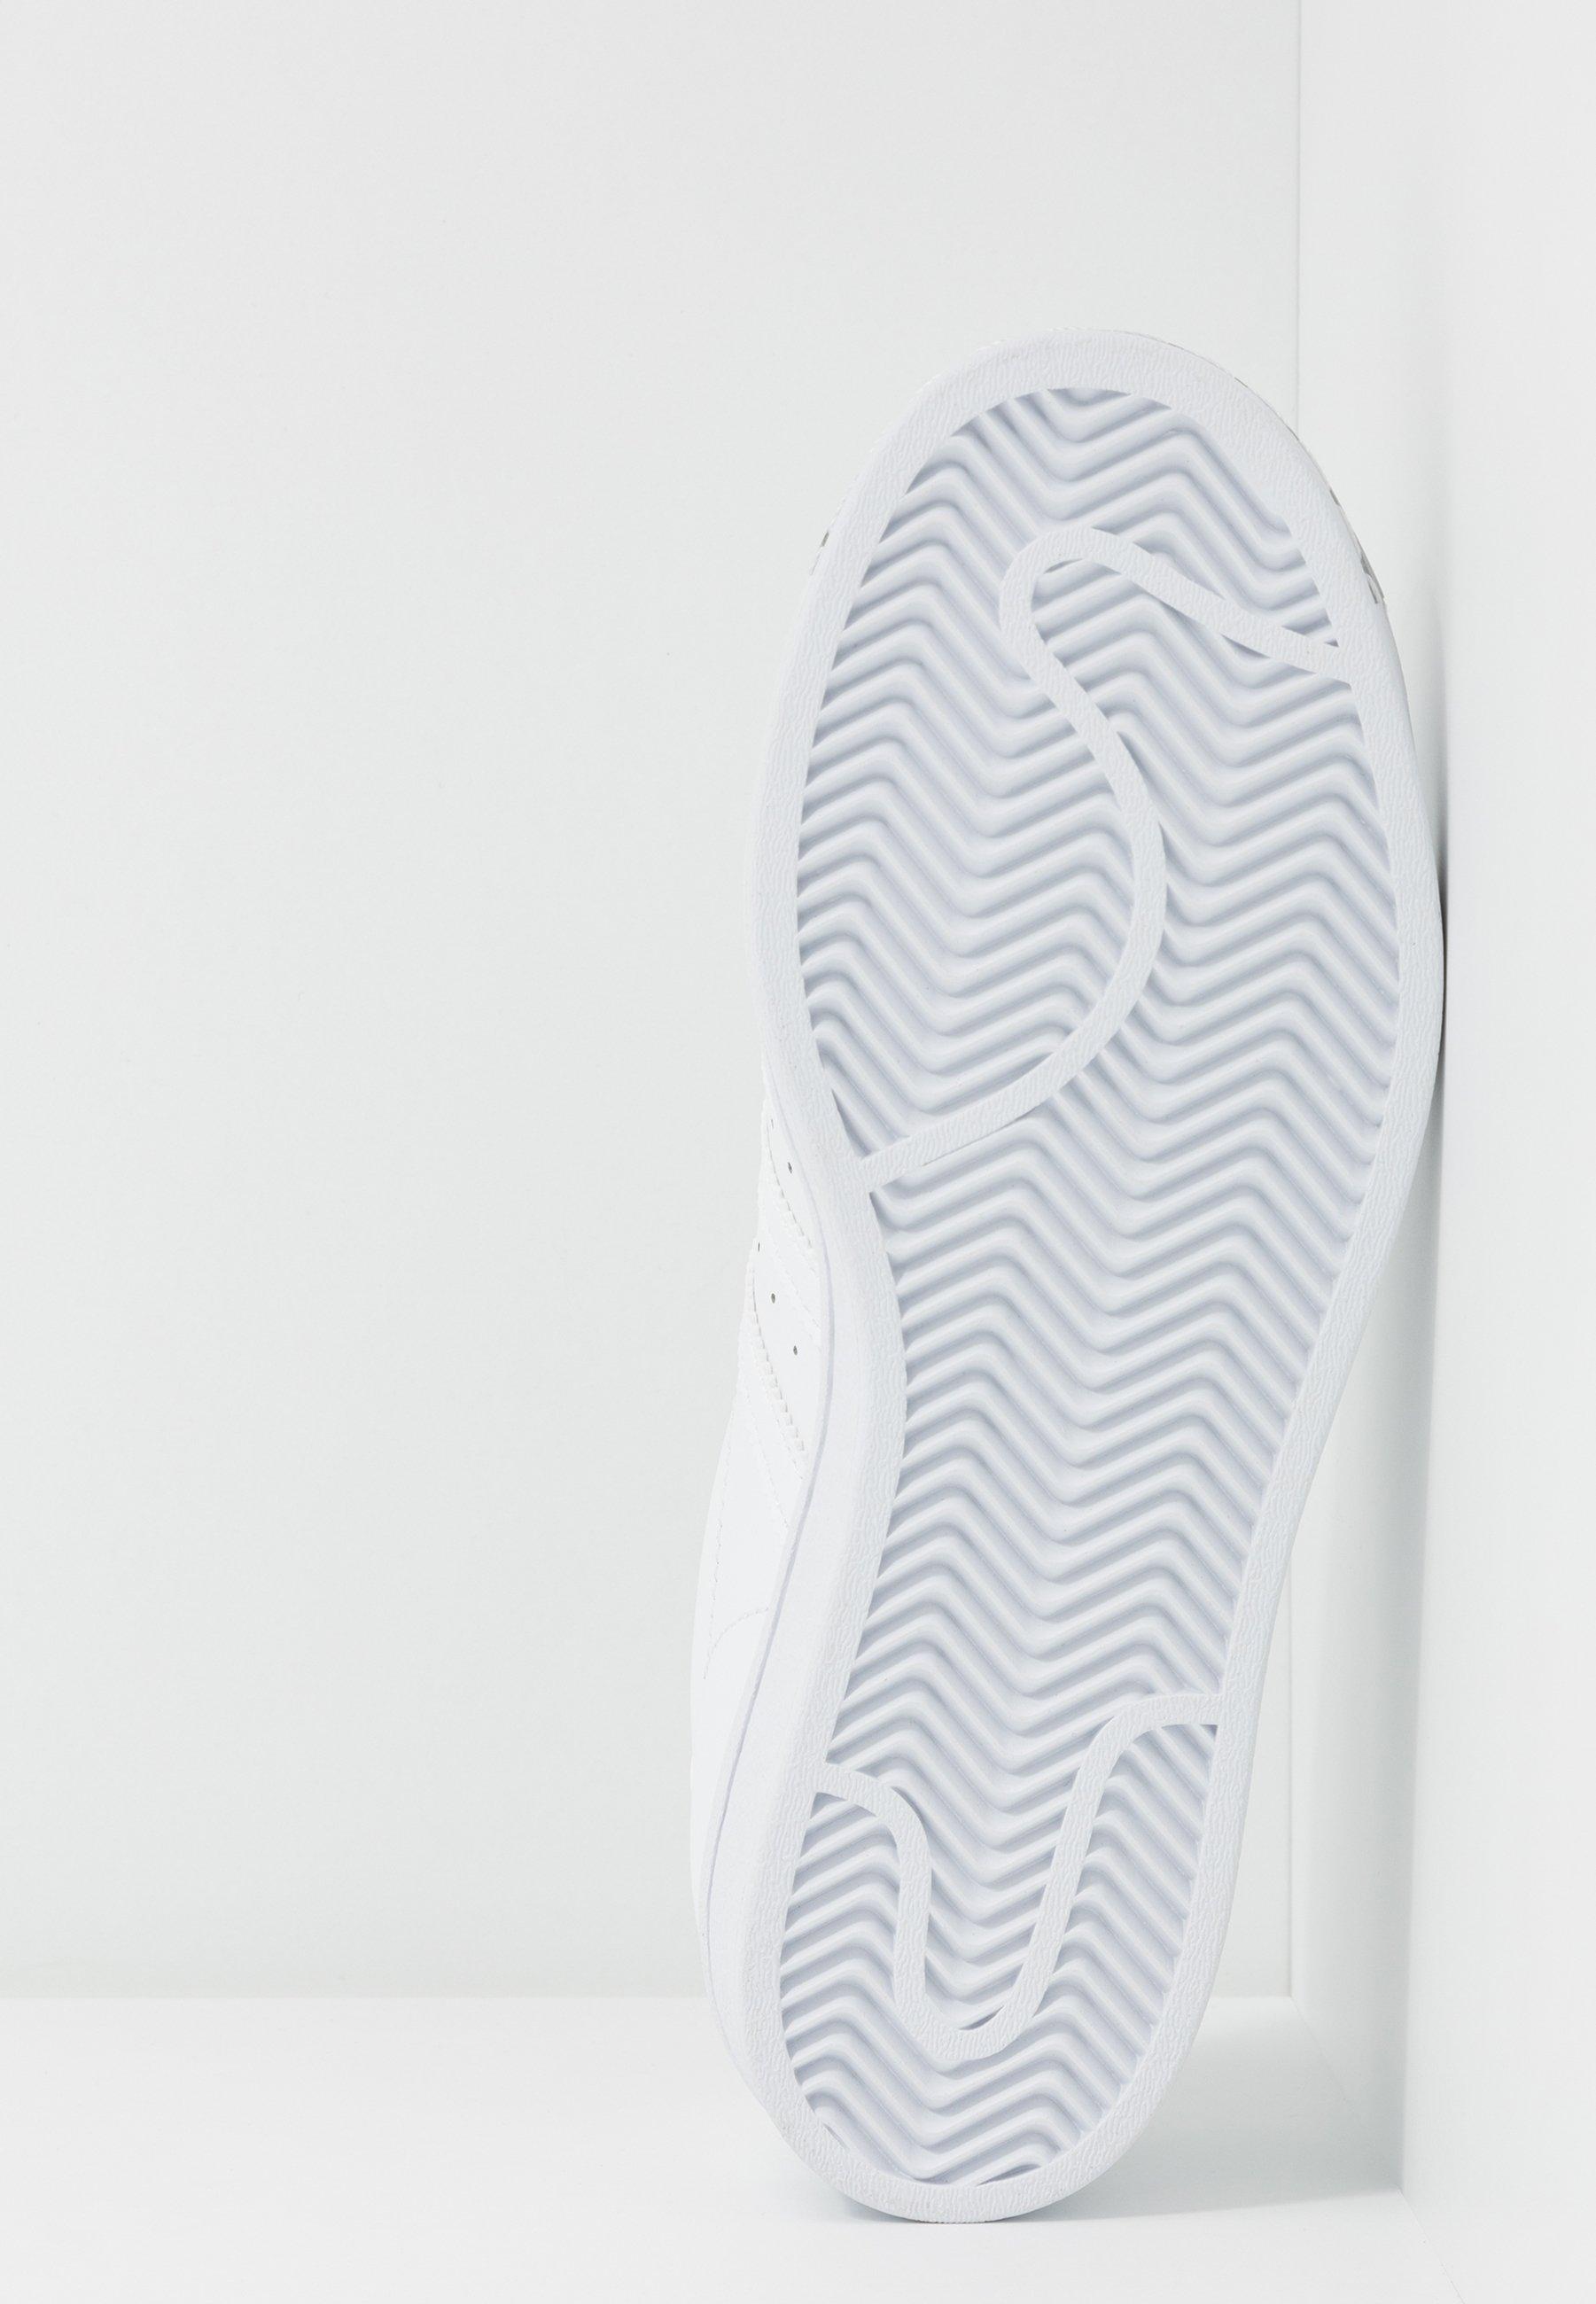 SUPERSTAR METAL TOE Sneakers footwear whitesilver metallic